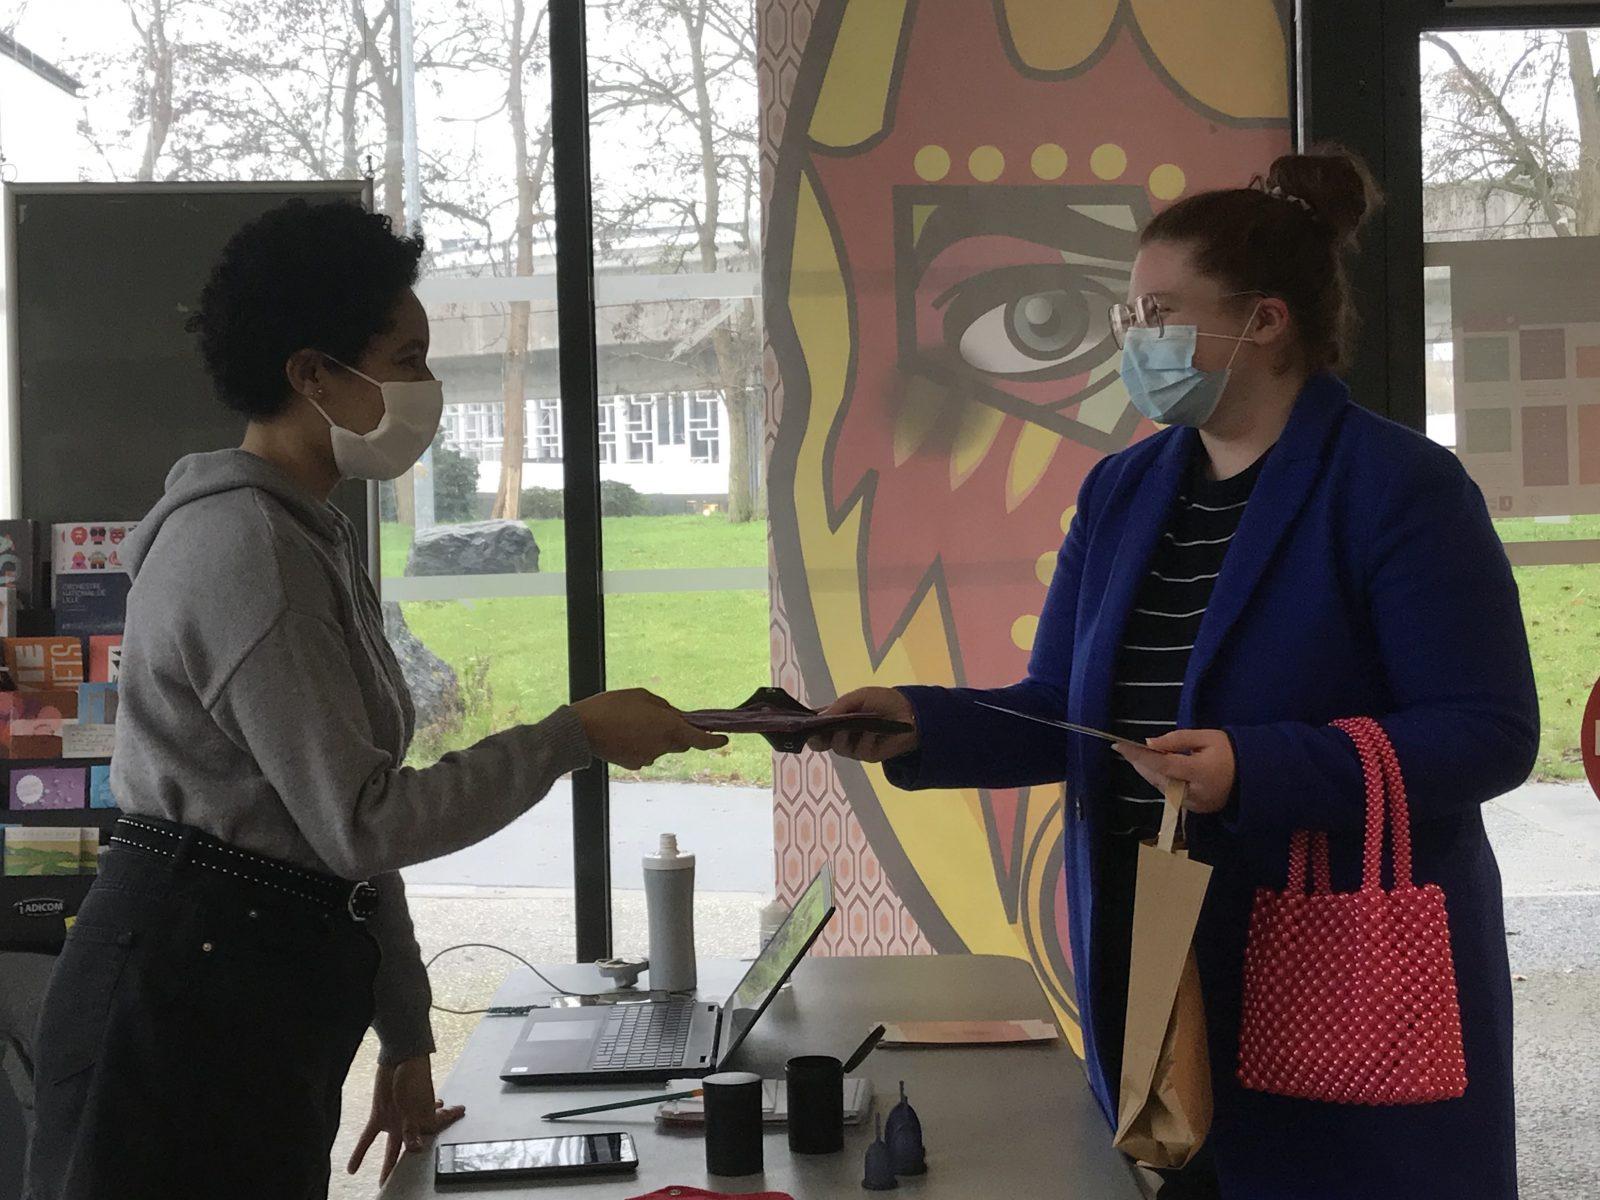 l'Université de Lille distribue des protections hygiénique écologiques à ses étudiants